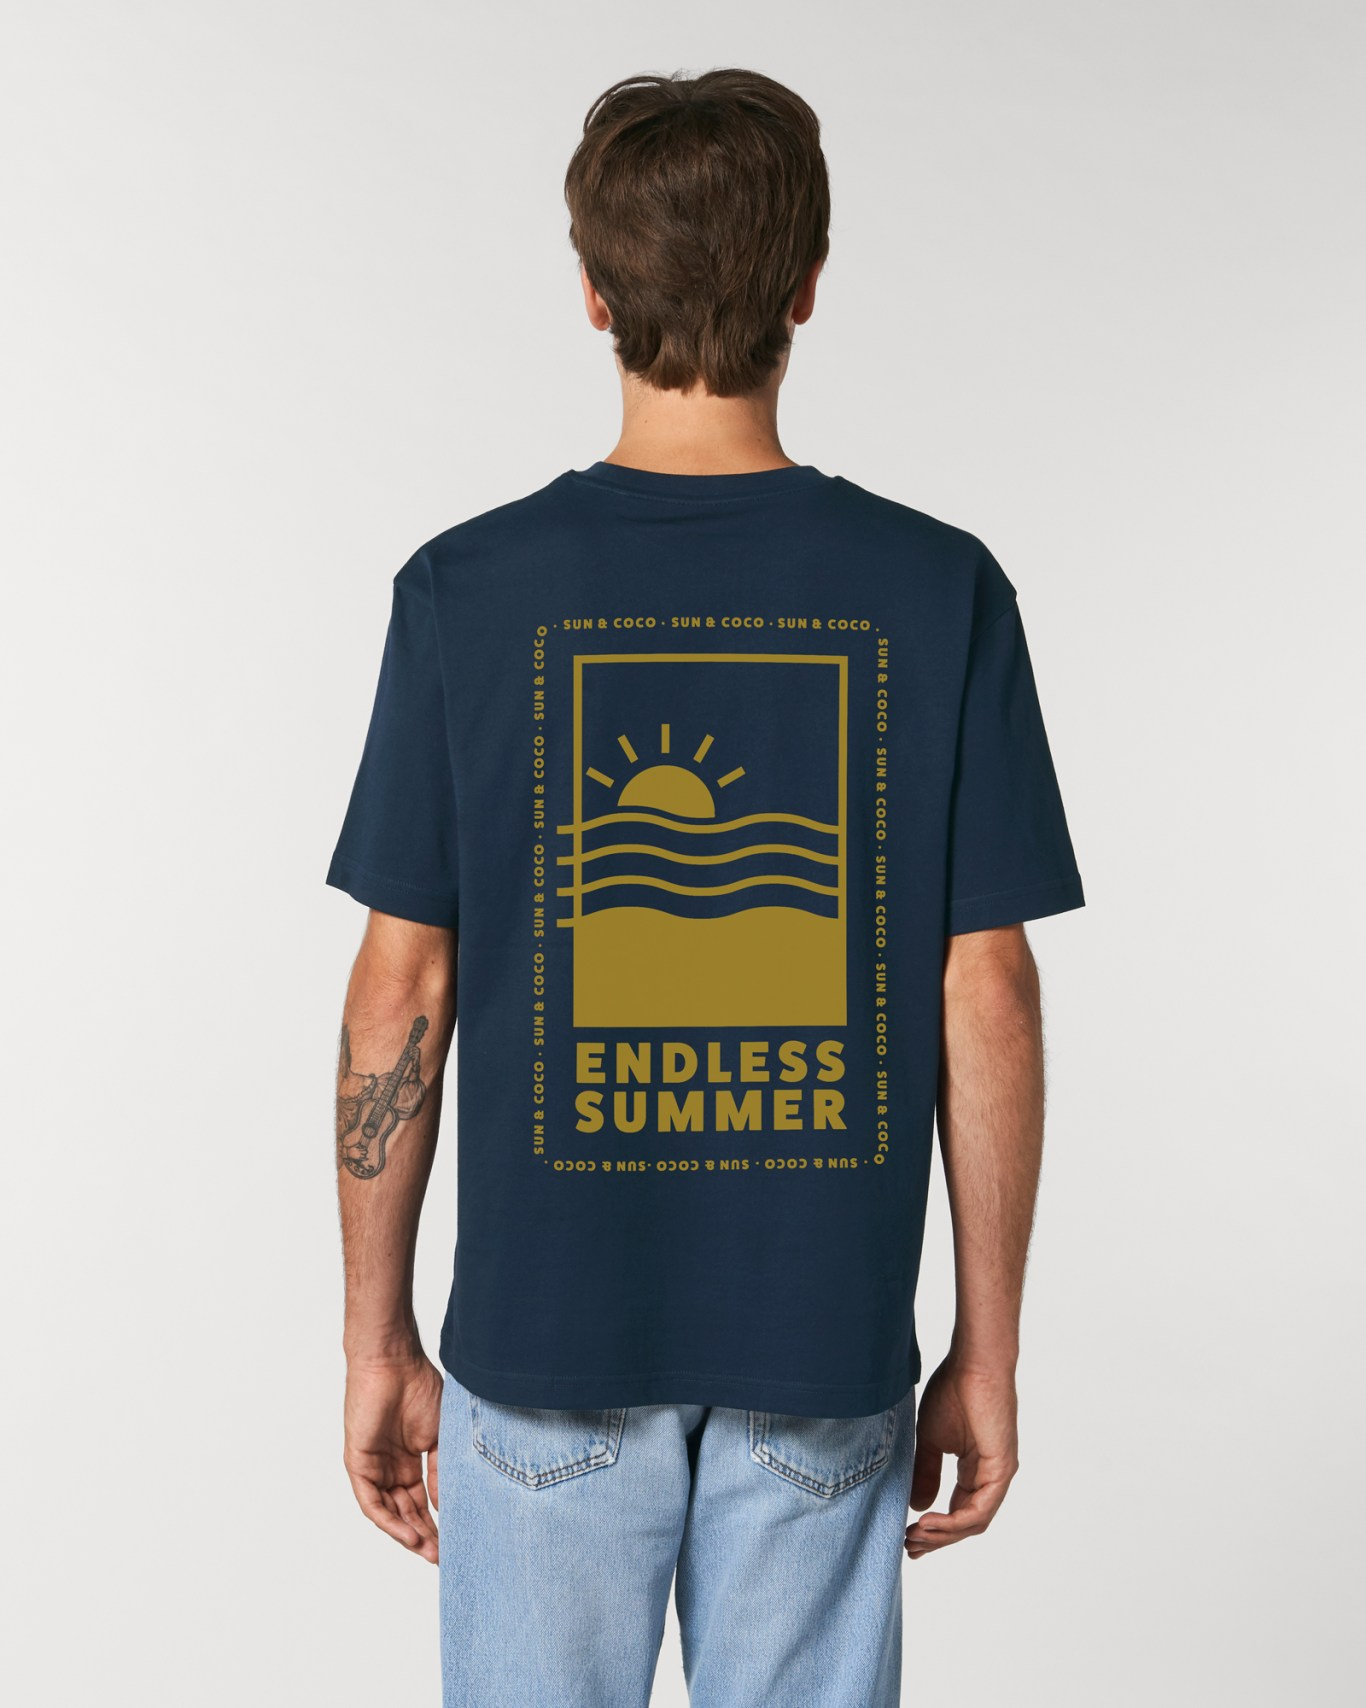 ENDLESS SUMMER – t-shirt for men